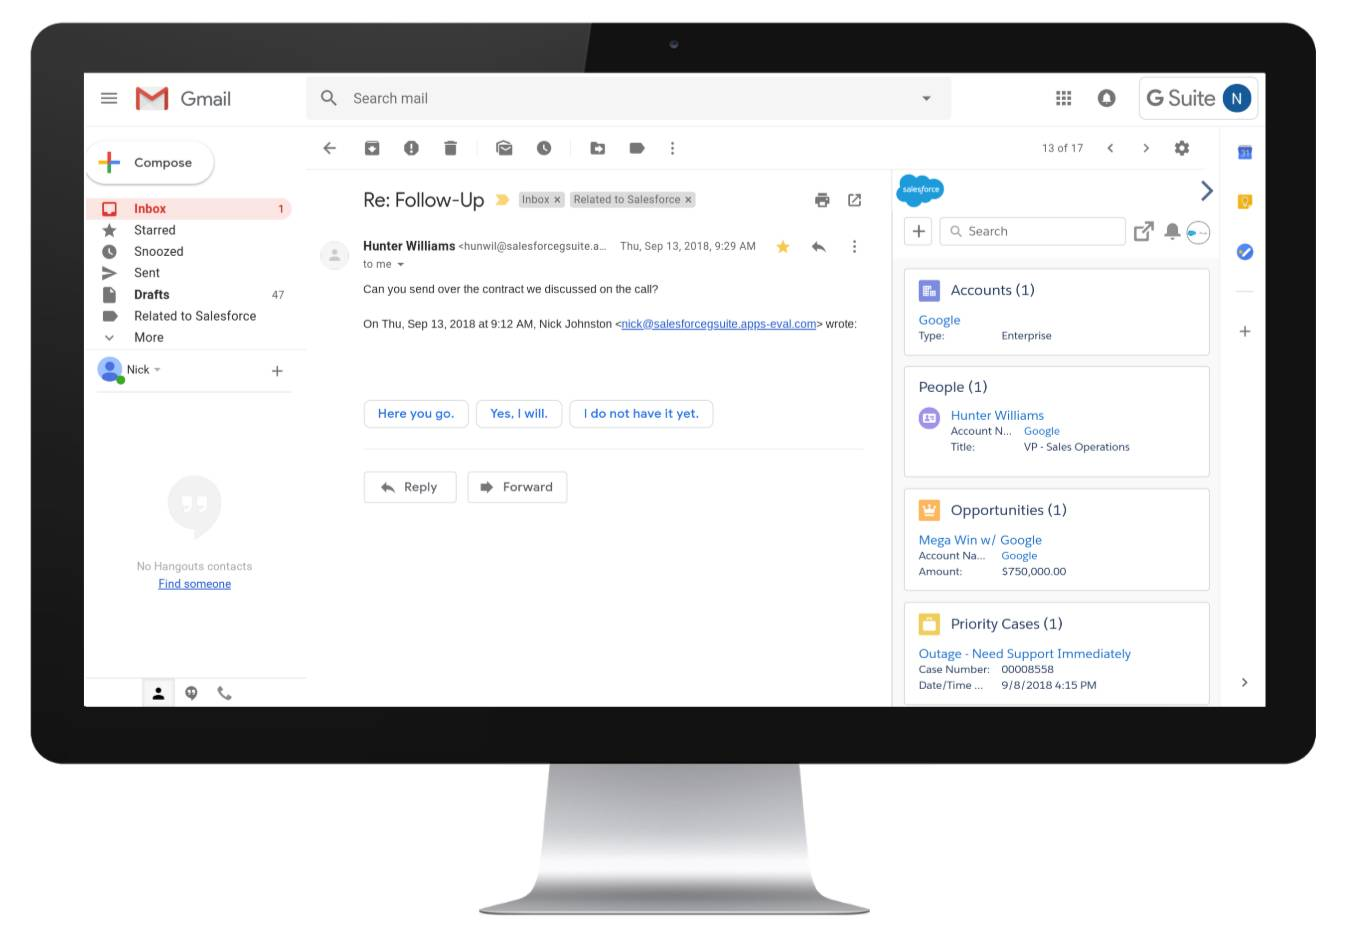 Die Gmail-Anwendung mit geöffneter Salesforce-Randleiste, die Personen und Konten in Zusammenhang mit der geöffneten E-Mail anzeigt.